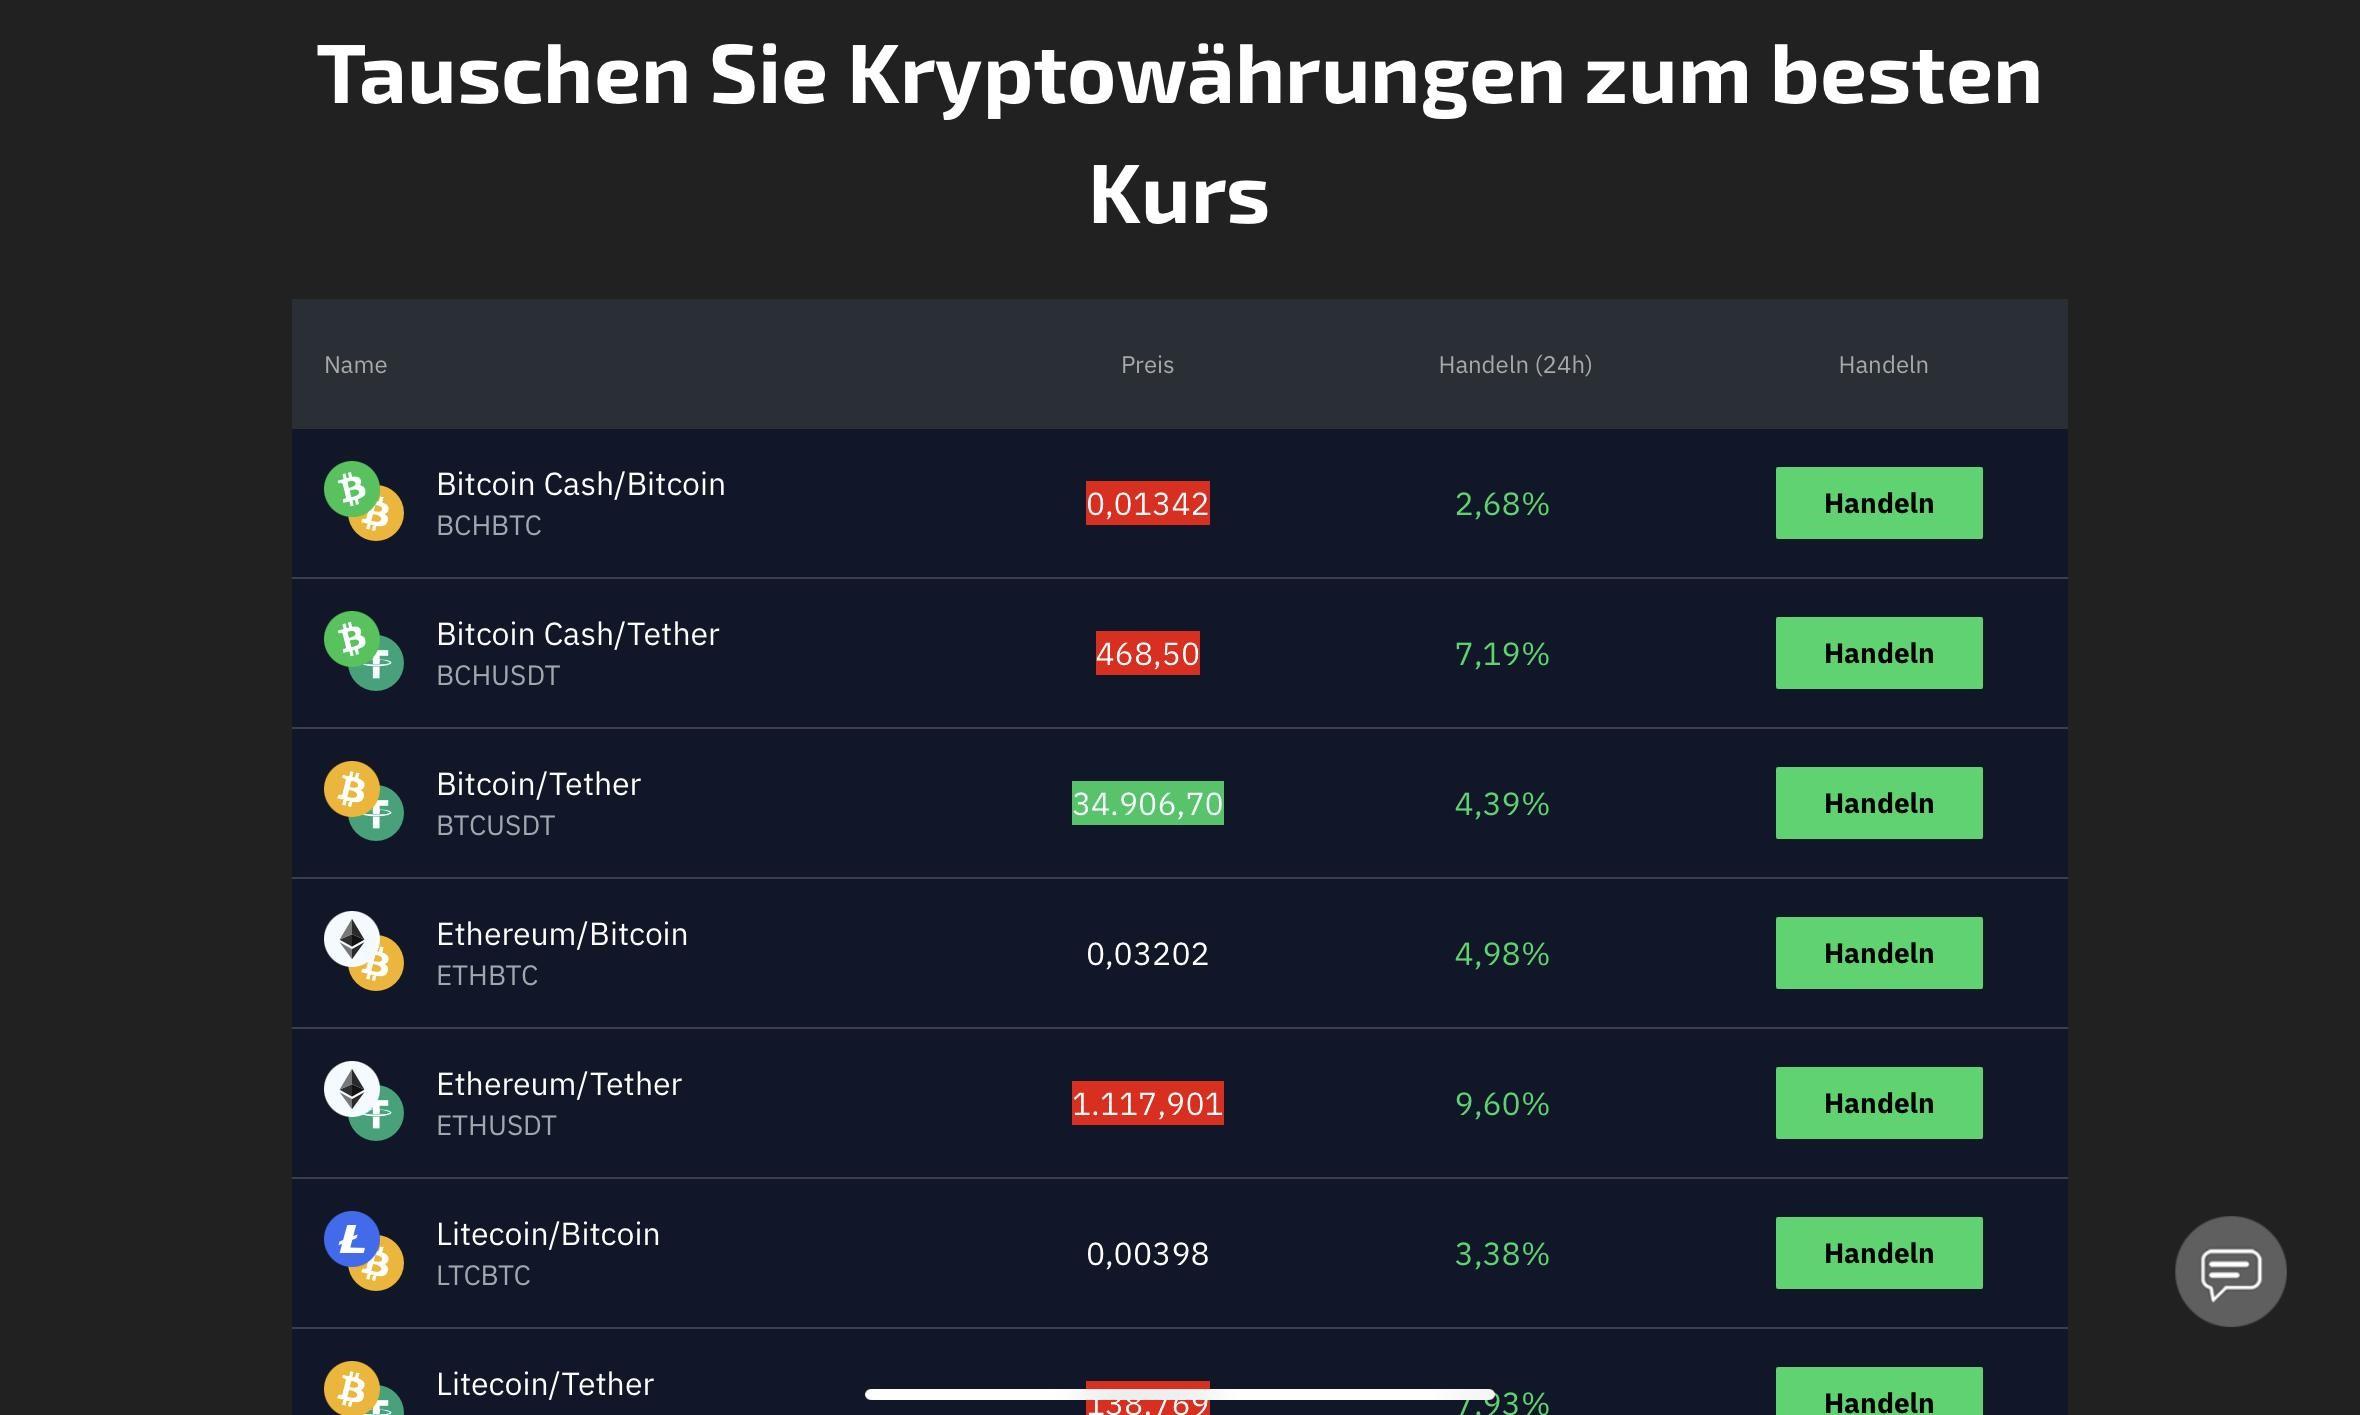 Tauschen Sie Kryptowährungen zum besten Kurs